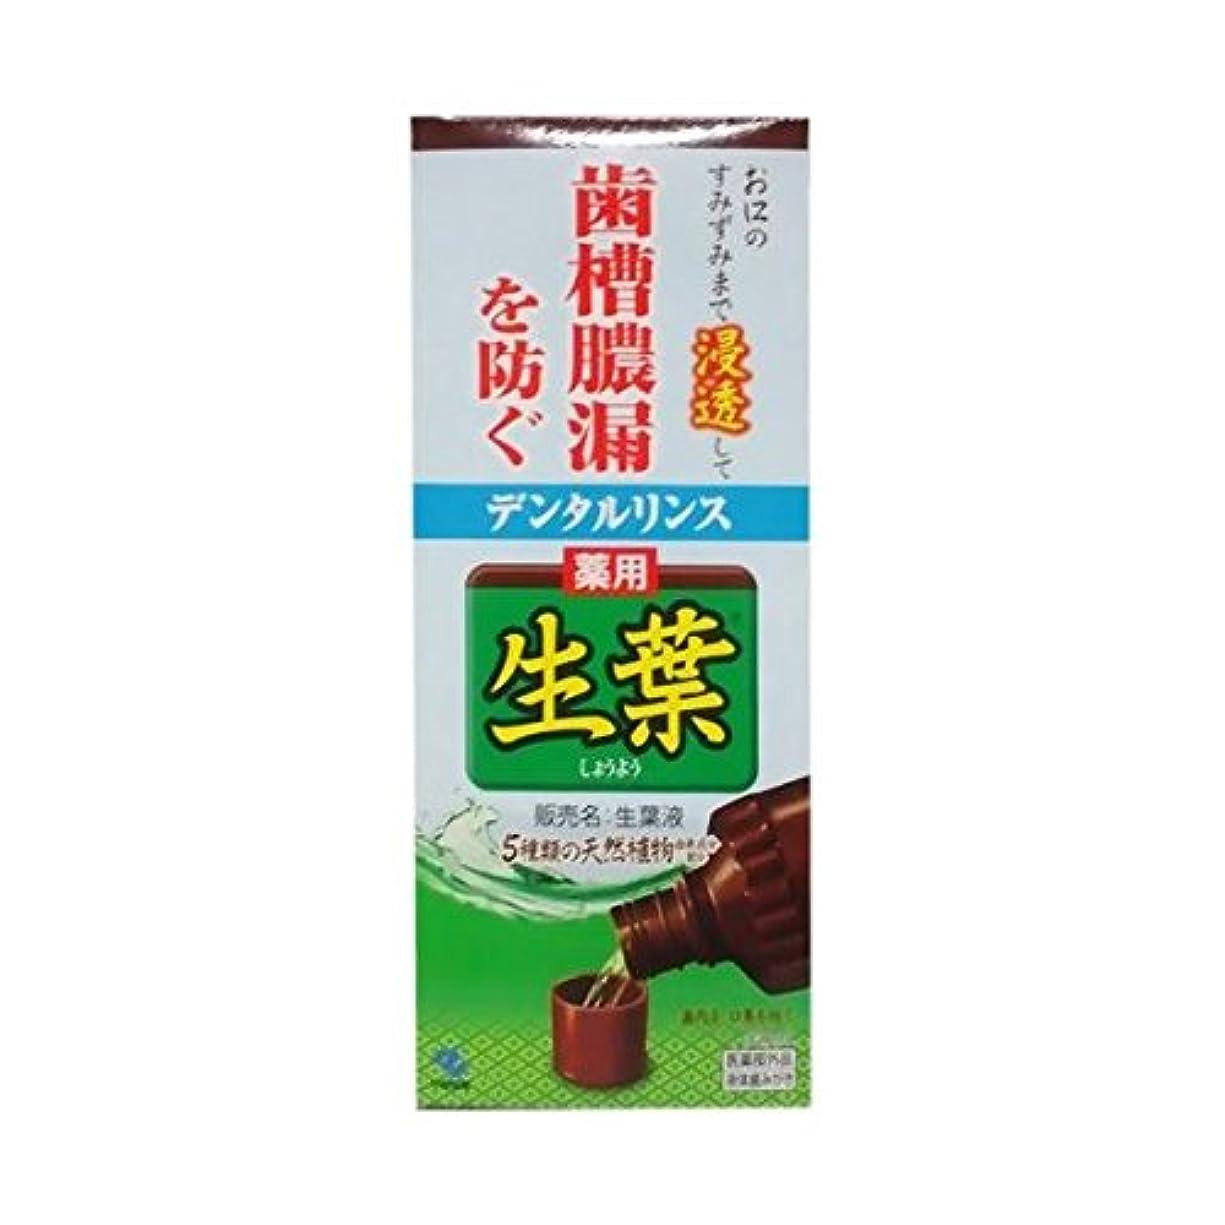 【お徳用 3 セット】 薬用 生葉液 330ml×3セット